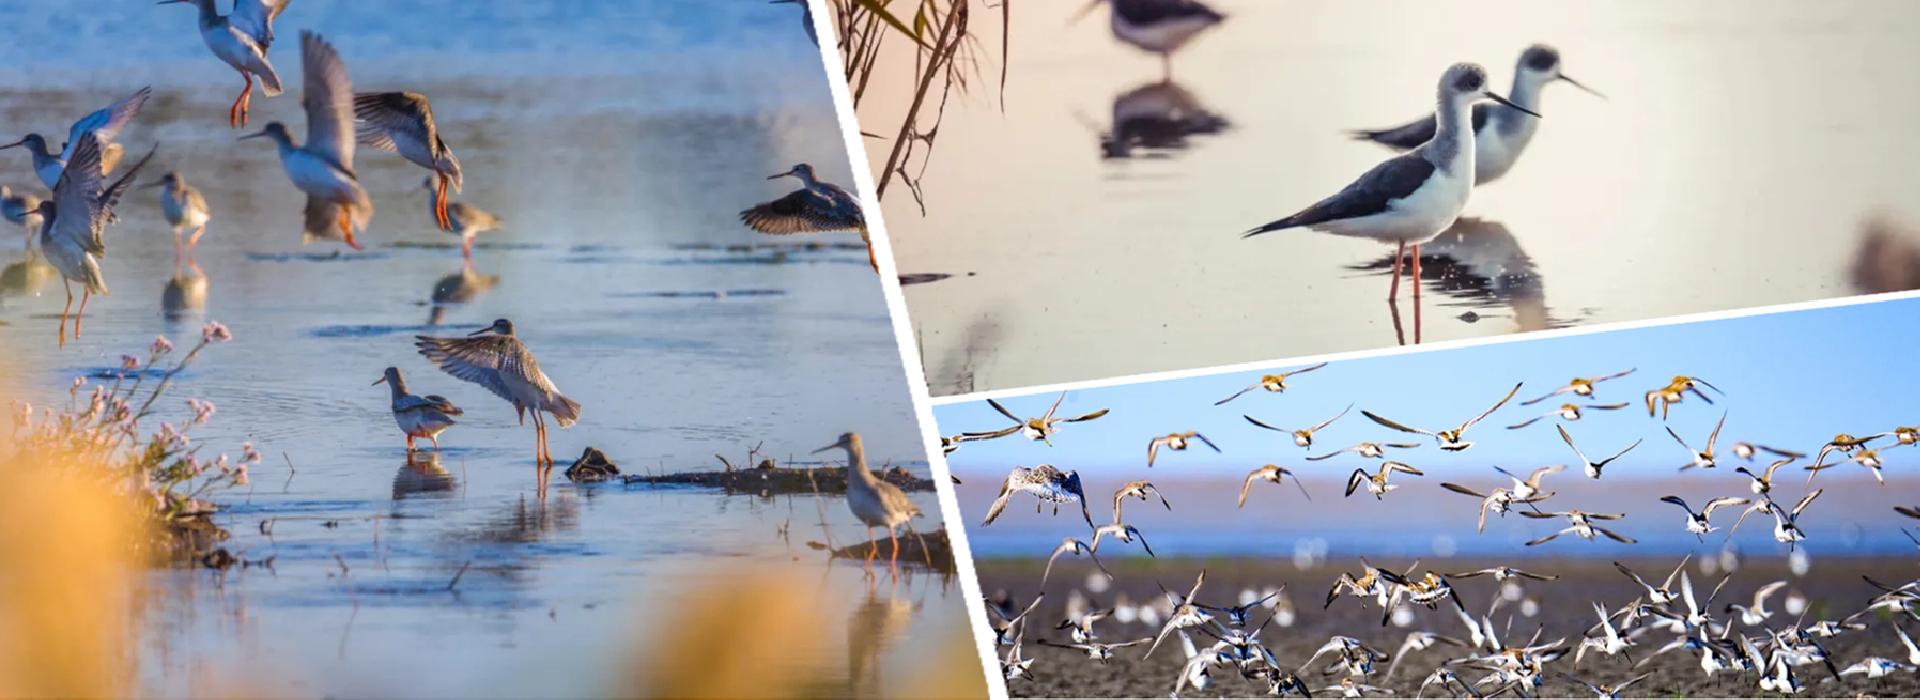 Qidong makes a wonderland for birds